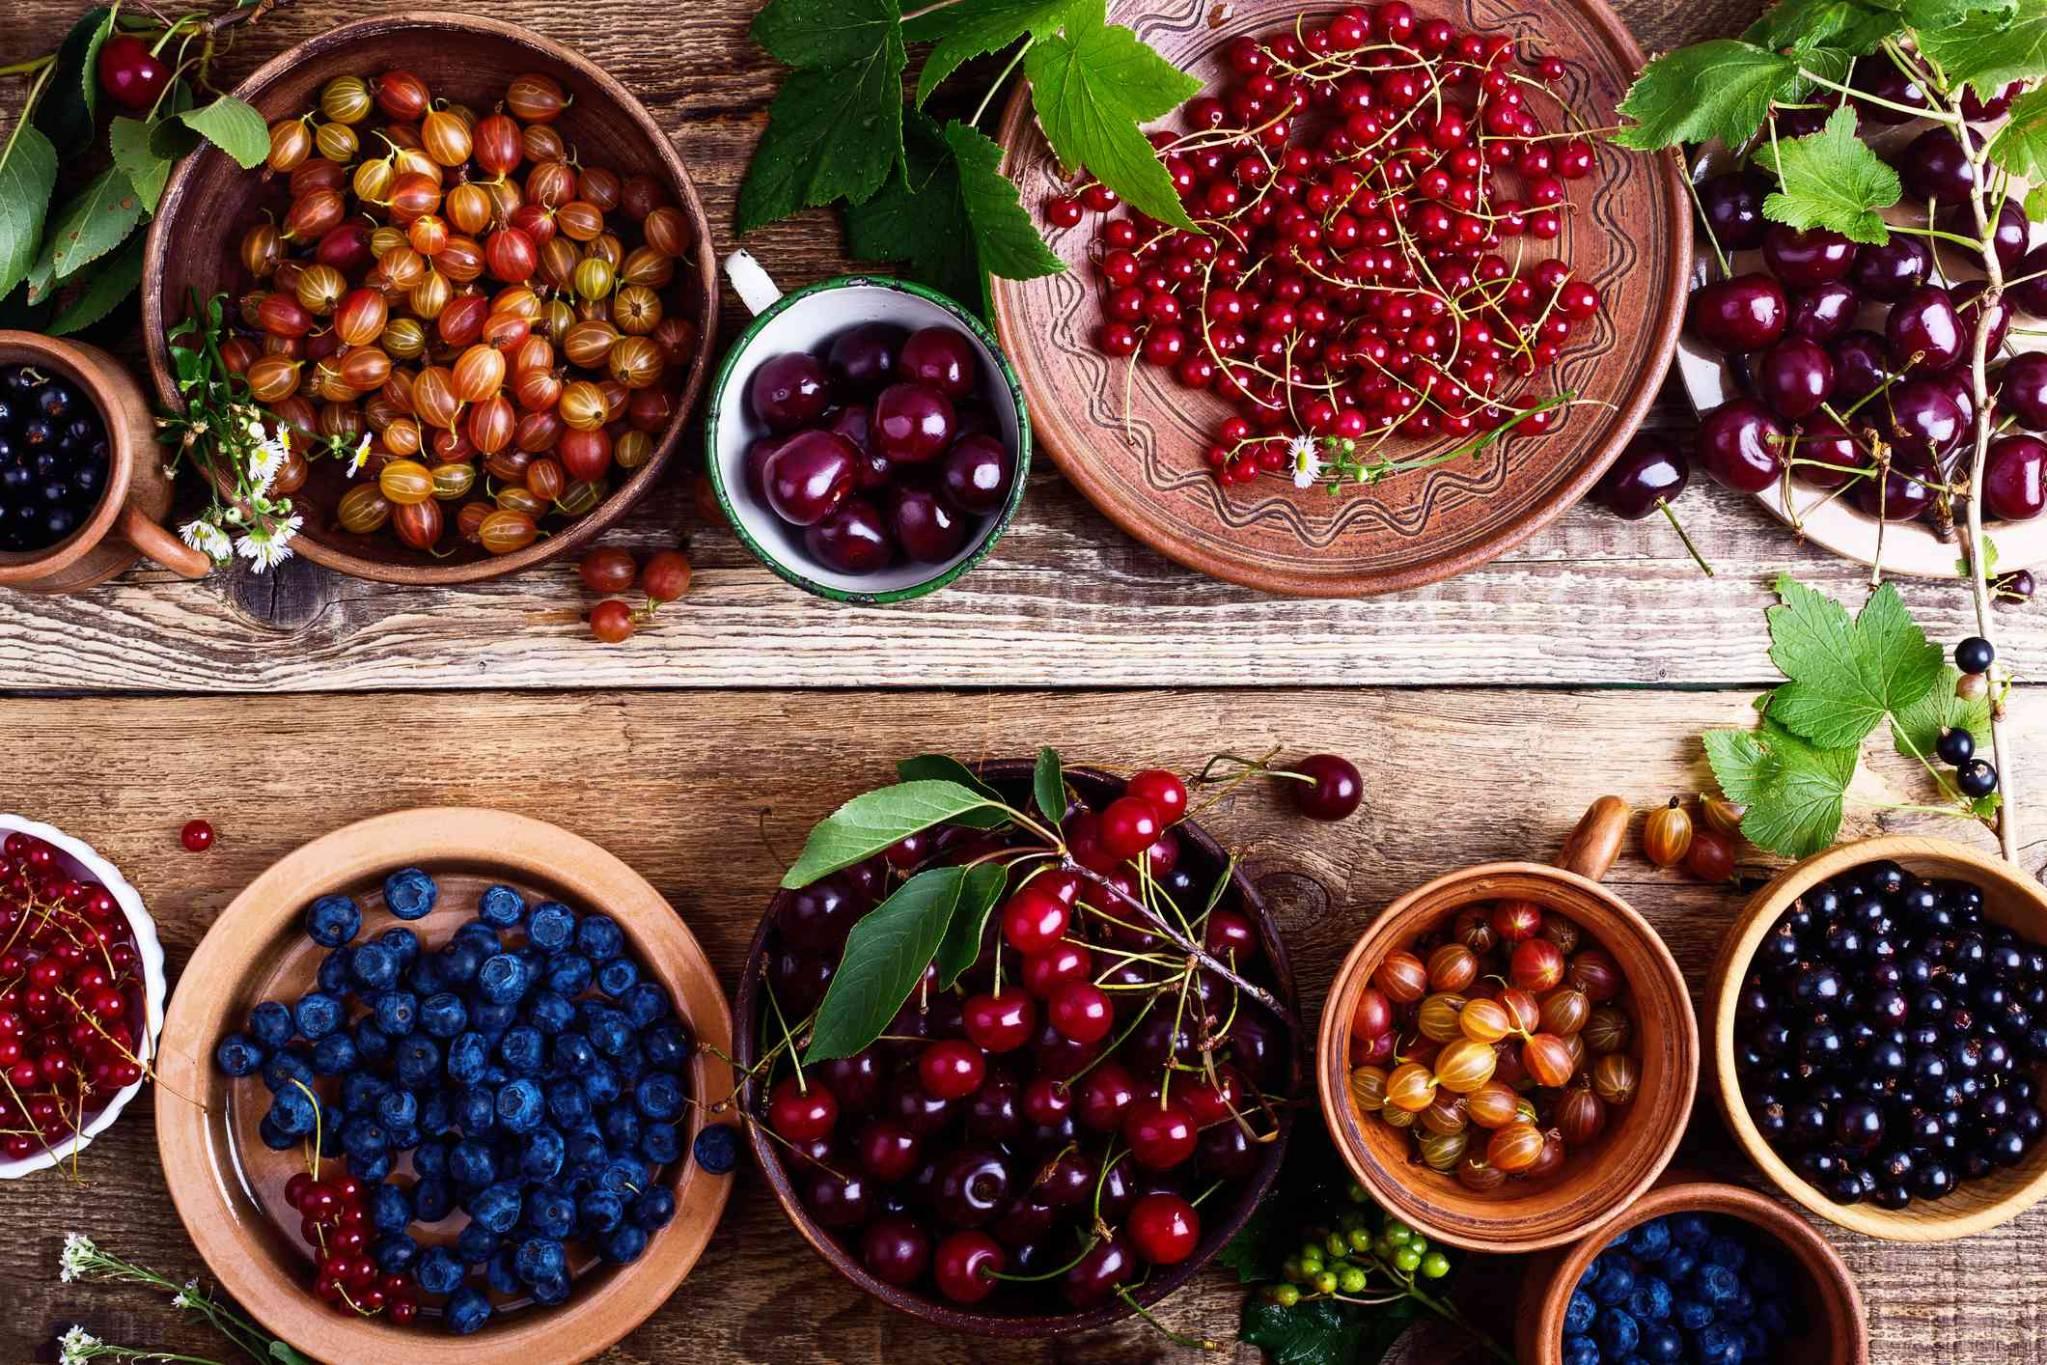 10 أطعمة تساعد في التخلص من الإمساك النهار